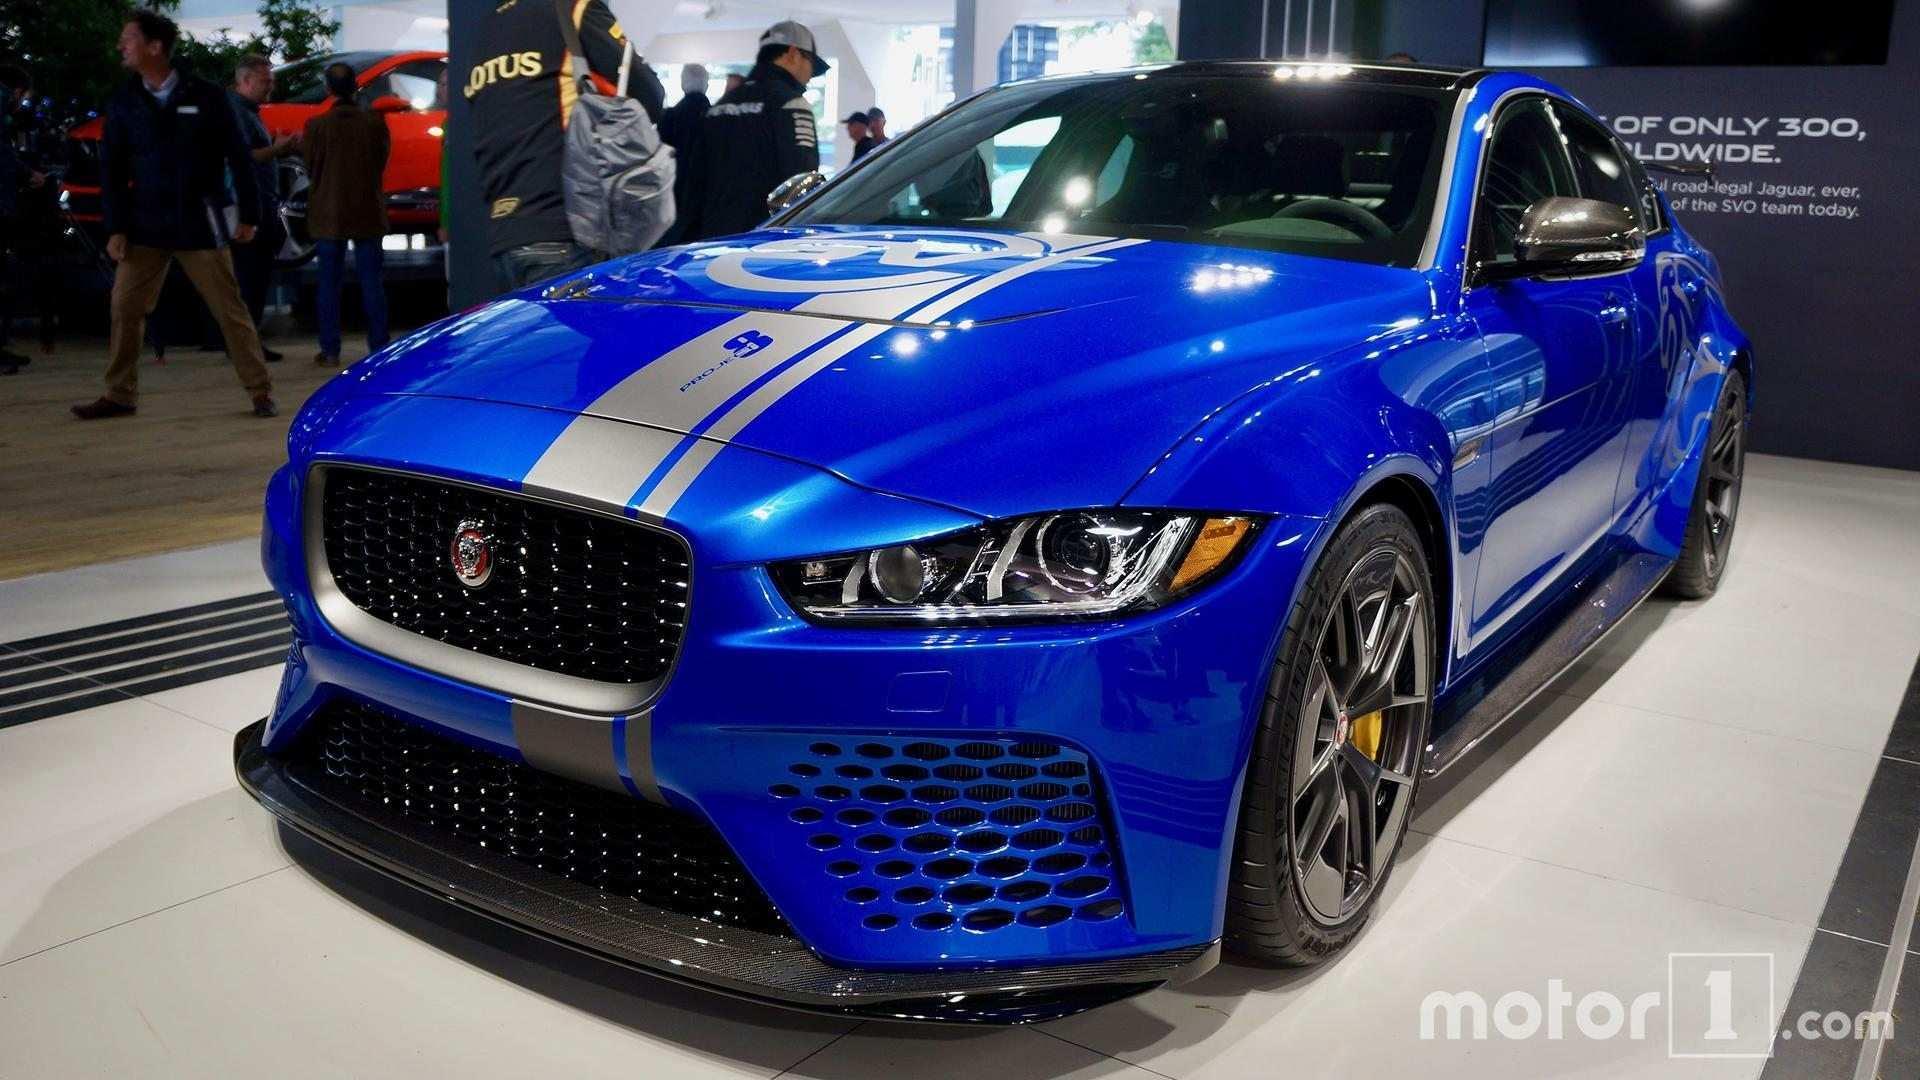 99 Best Review 2019 Jaguar Project 8 New Concept by 2019 Jaguar Project 8